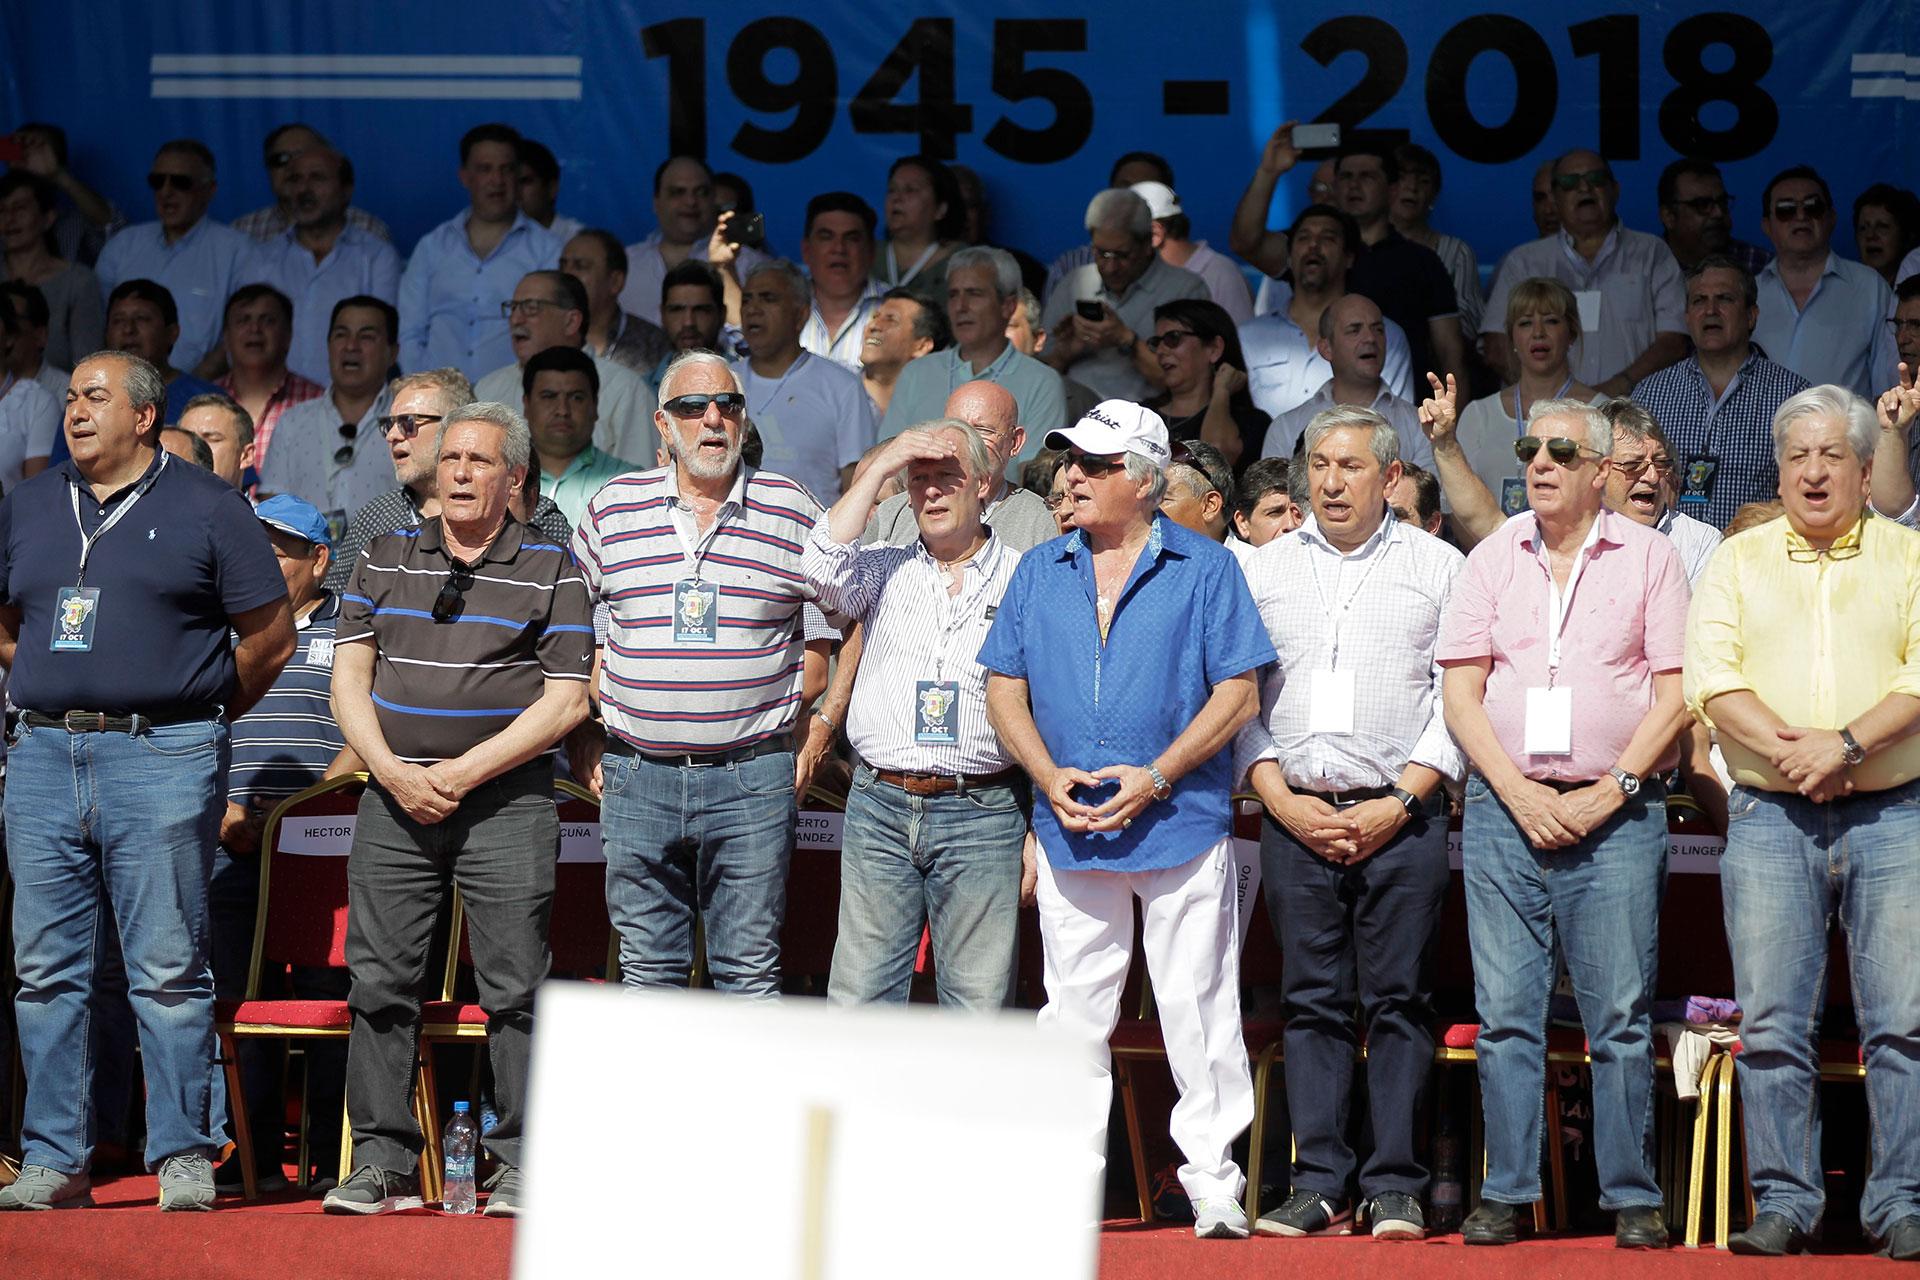 Los sindicalistas Héctor Daer, Carlos Acuña, Roberto Fernández, Andrés Rodríguez, Luis Barrionuevo, Rodolfo Daer, José Luis Lingeri y Julio Piumato